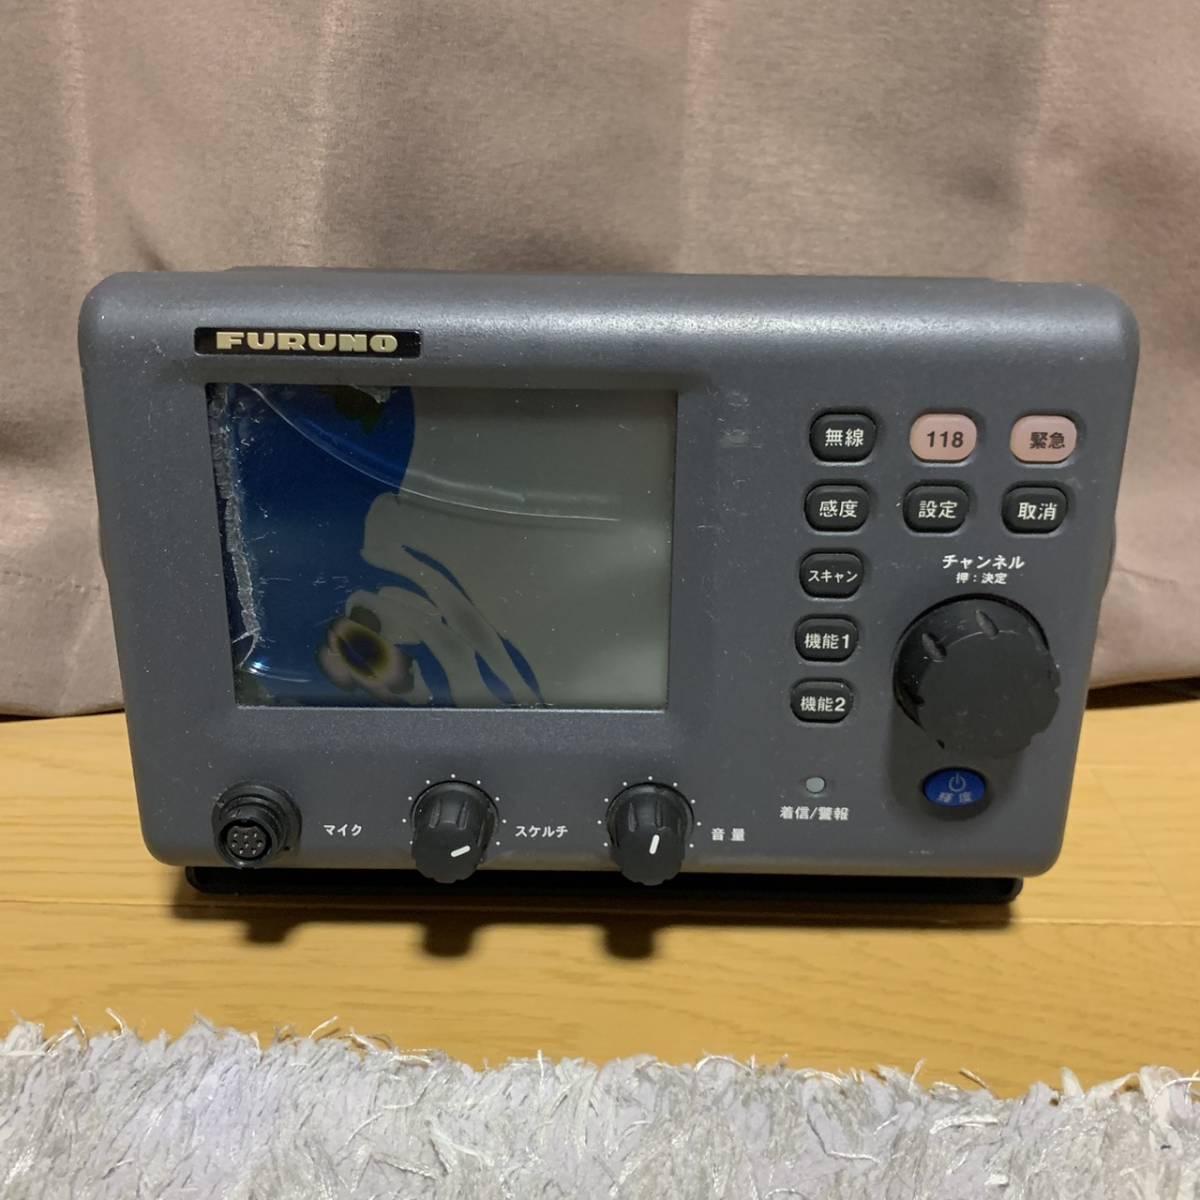 ジャンク 画面割れ FURUNO フルノ 漁業船舶 無線機 DSB送受信機 DM-200 5型液晶 動